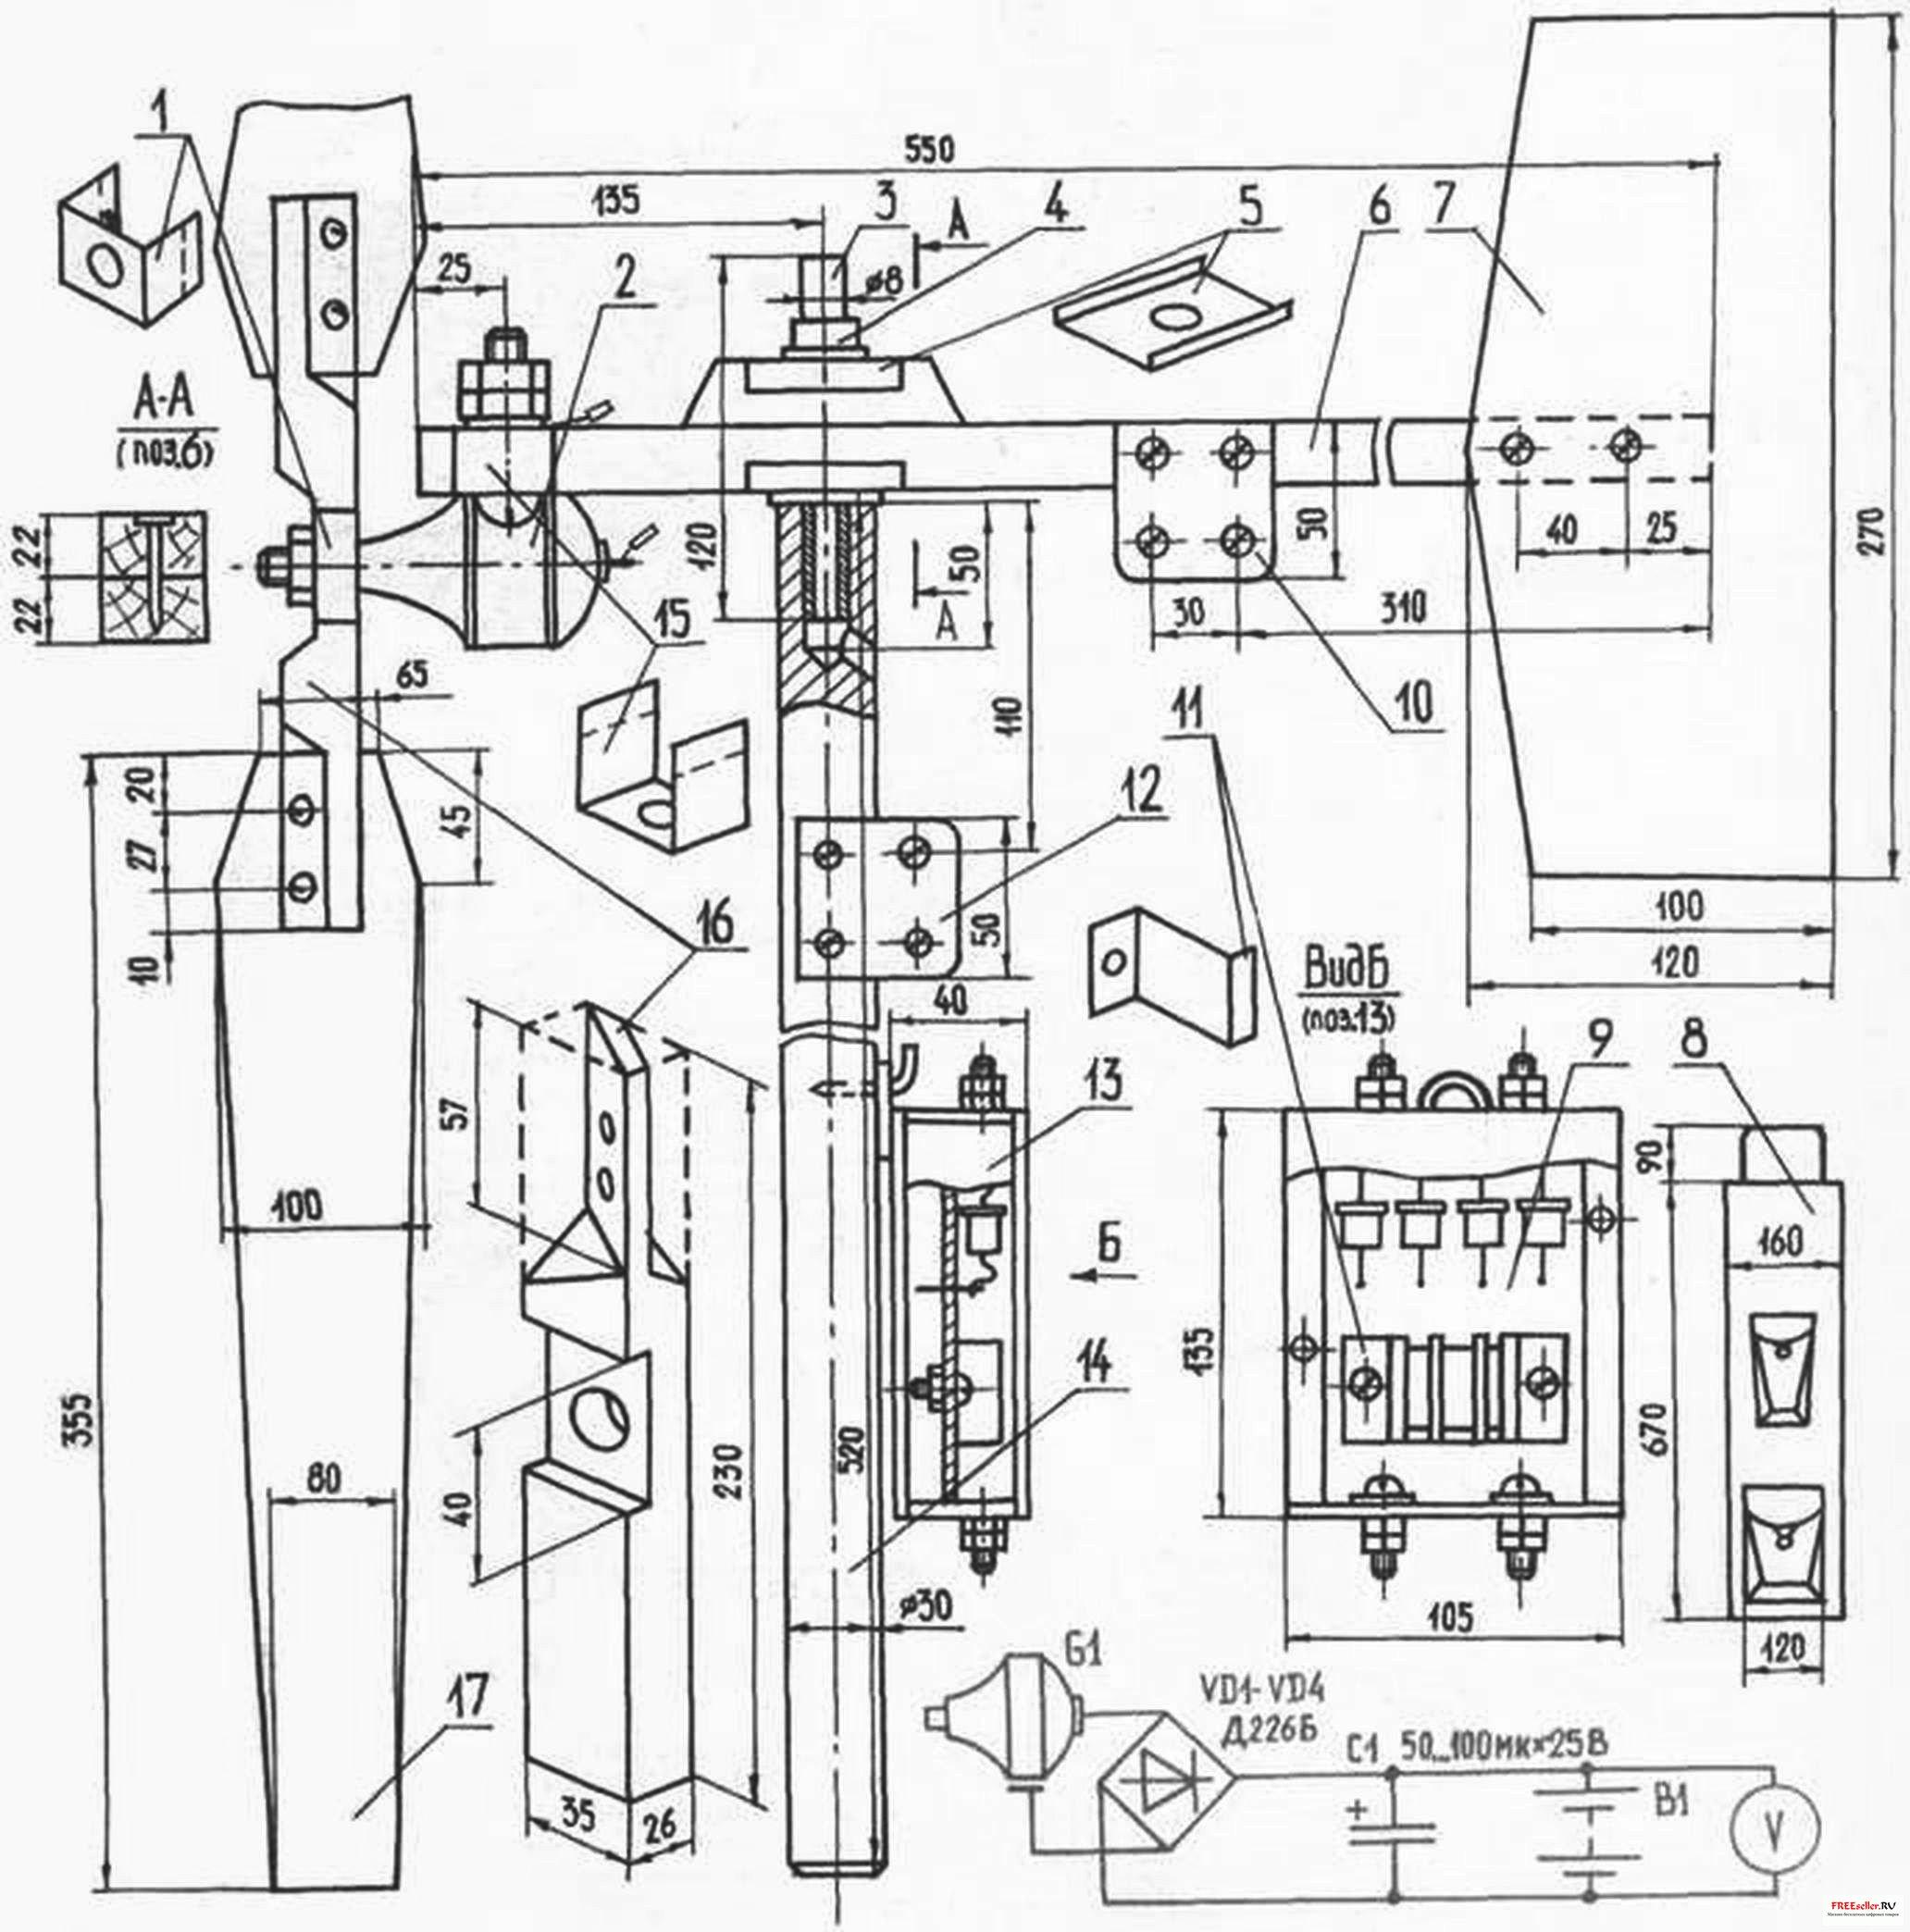 електрическая схема импульс зп - 02 - Лучшие схемы и описания для всех.